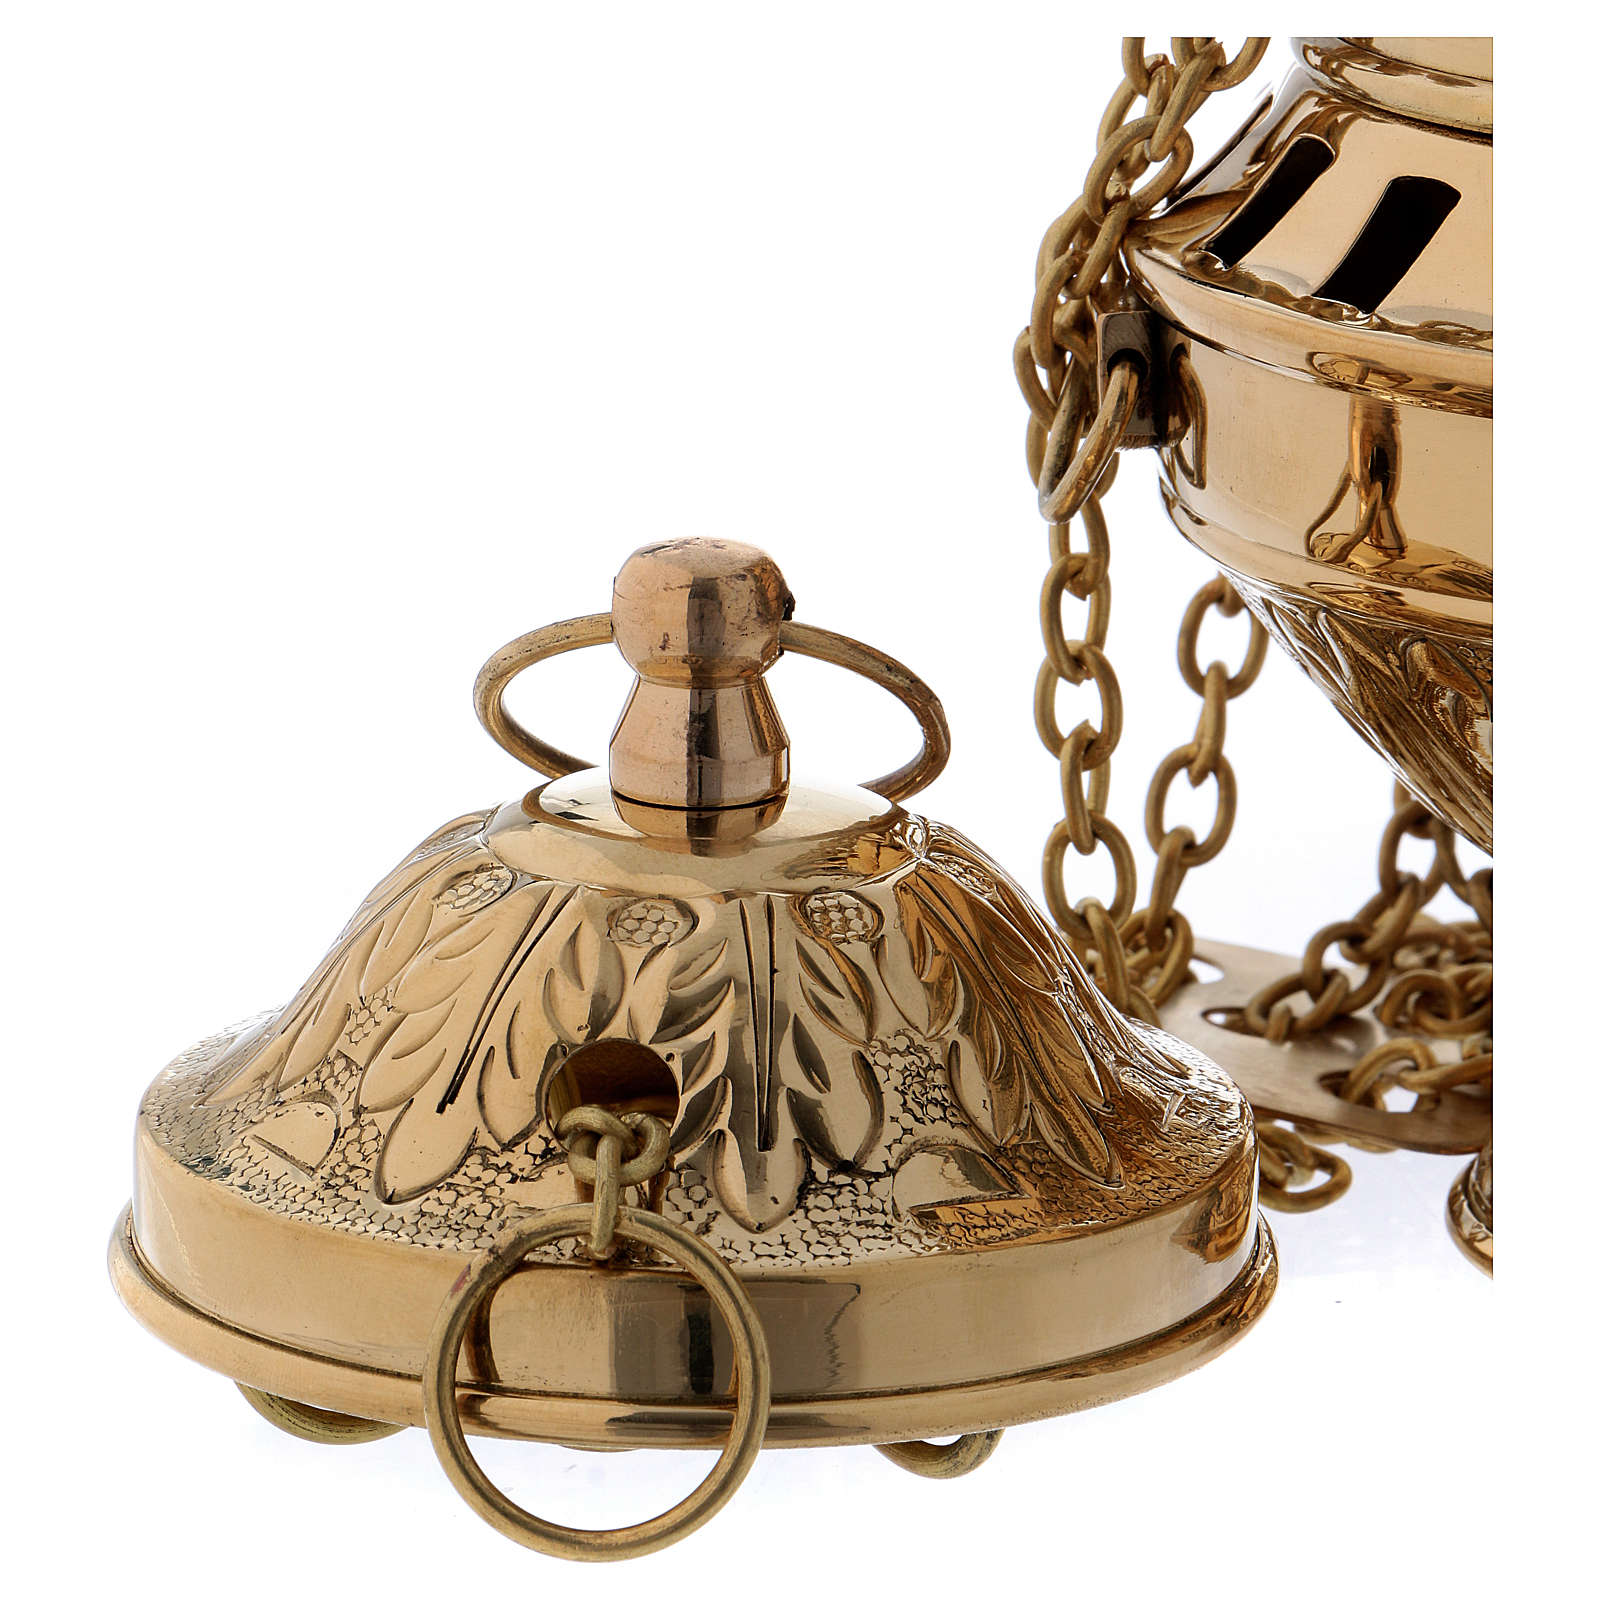 Encensoir laiton doré décoration feuille couvercle et base h 24 cm 3